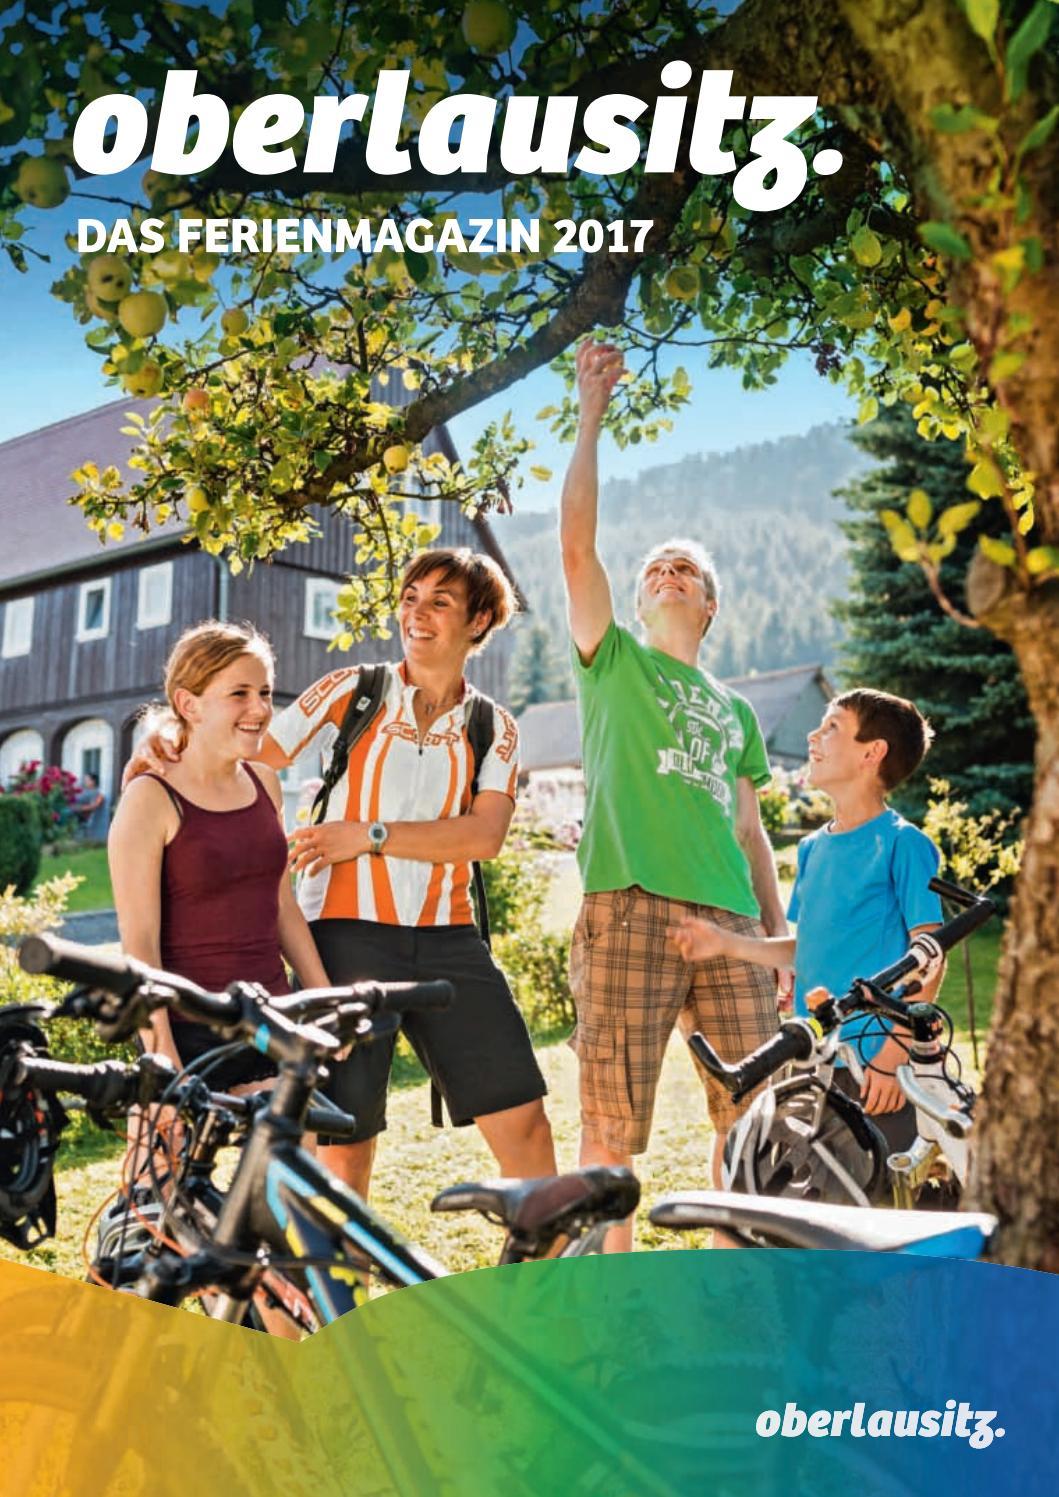 Ferienmagazin Oberlausitz 2017 by Marketing-Gesellschaft Oberlausitz ...